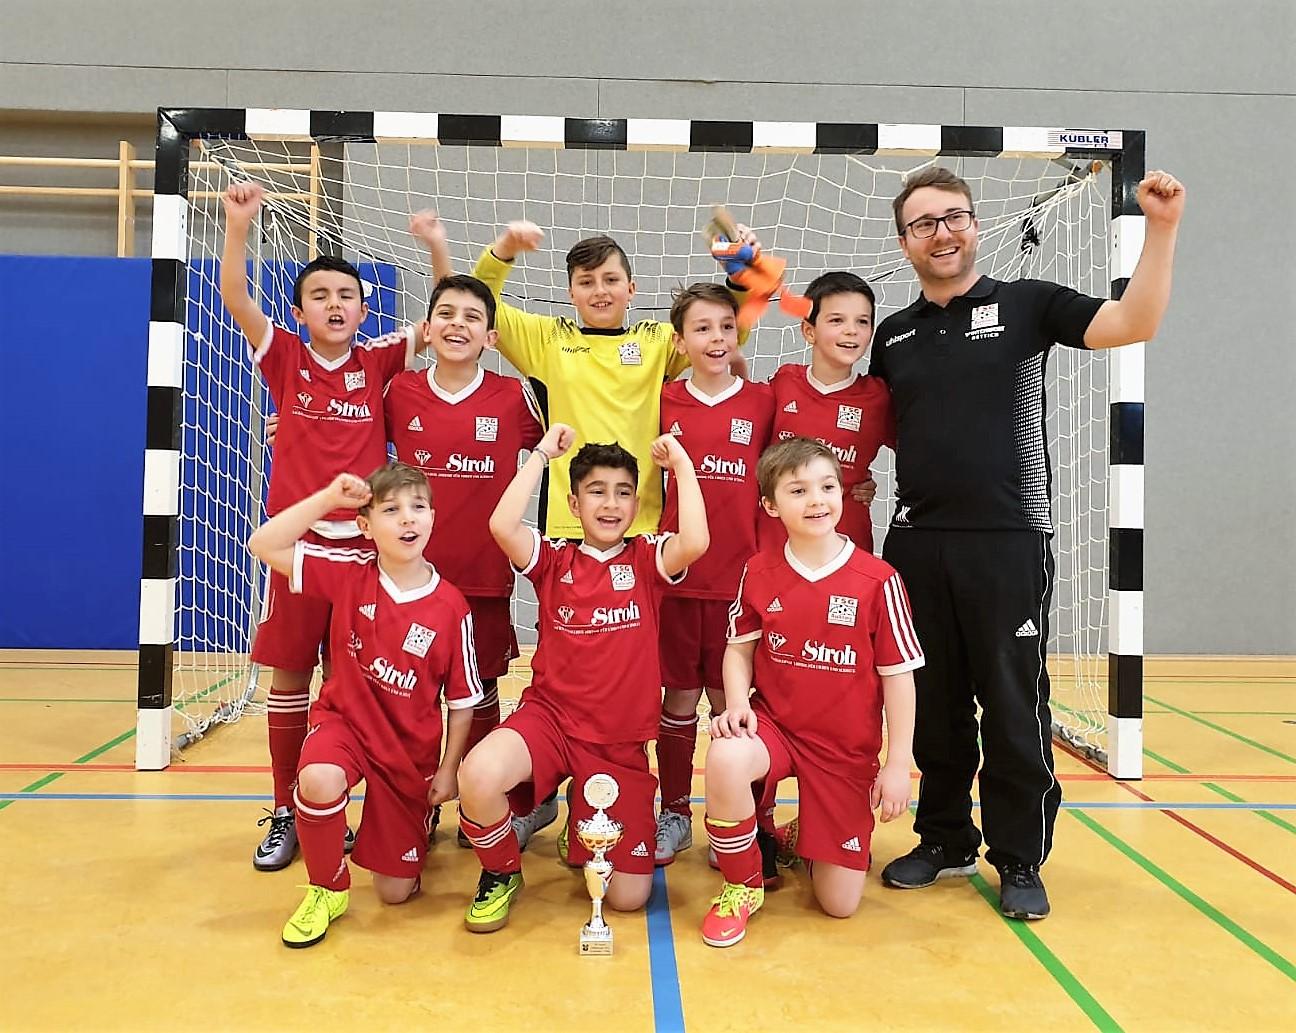 U10 gewinnt das Hallenturnier in Urbach